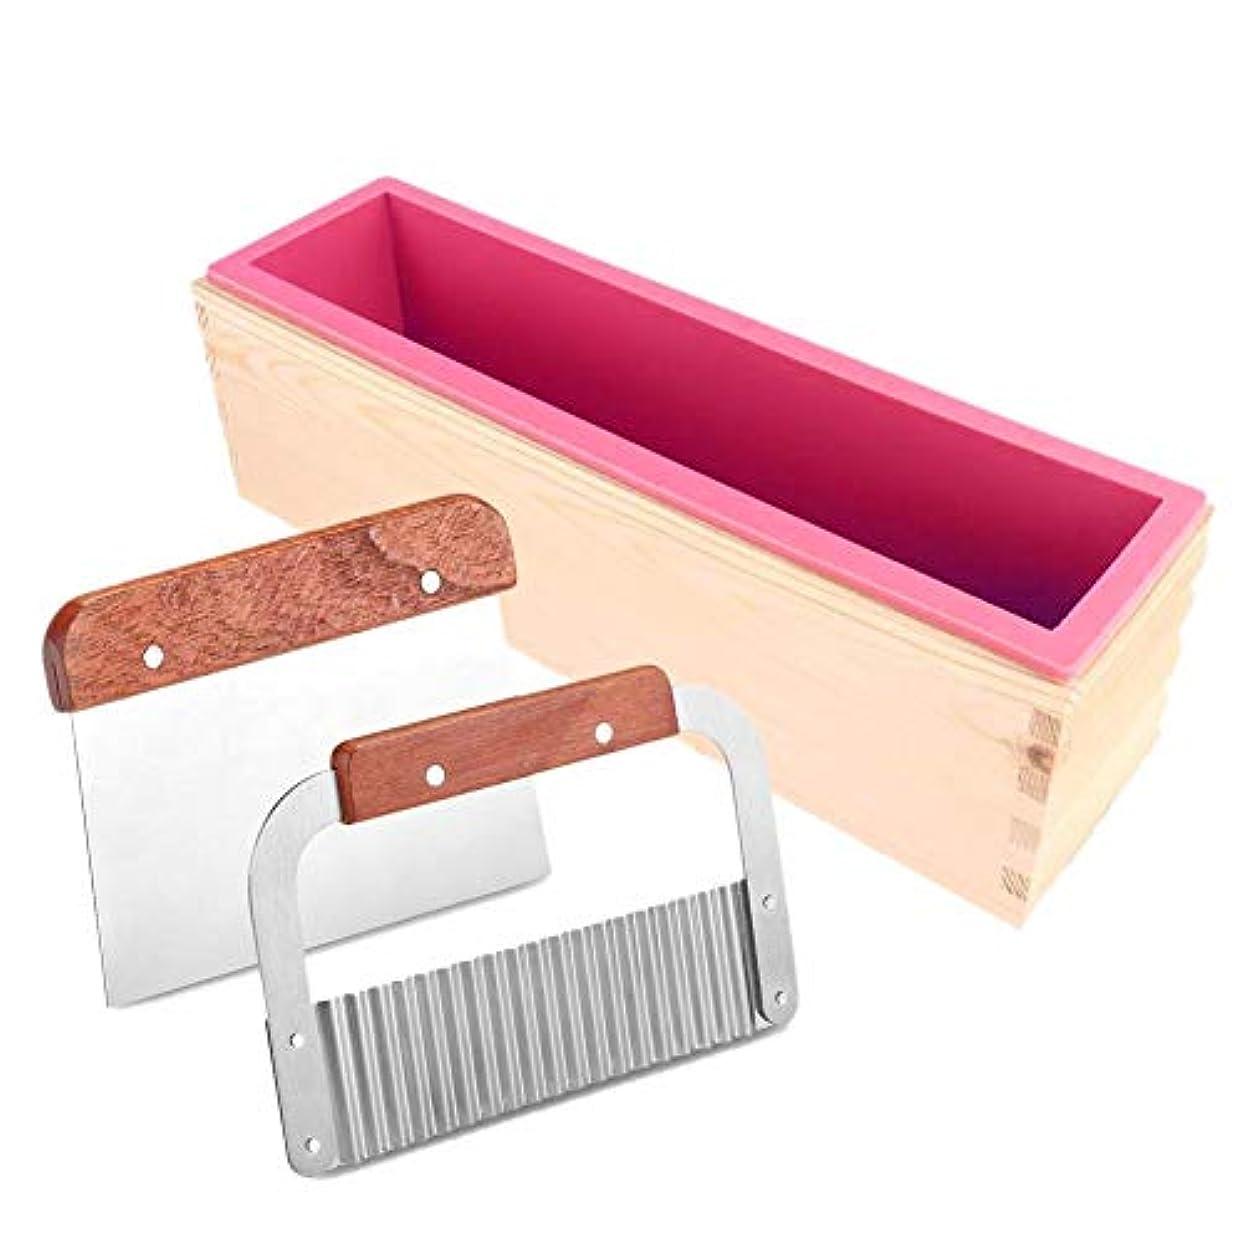 スクリーチ熟達したアライアンスRagemのシリコーンの石鹸型 - 自家製の石鹸の作成のための2Pcsカッターの皮むき器が付いている長方形の木箱の石鹸の作成型